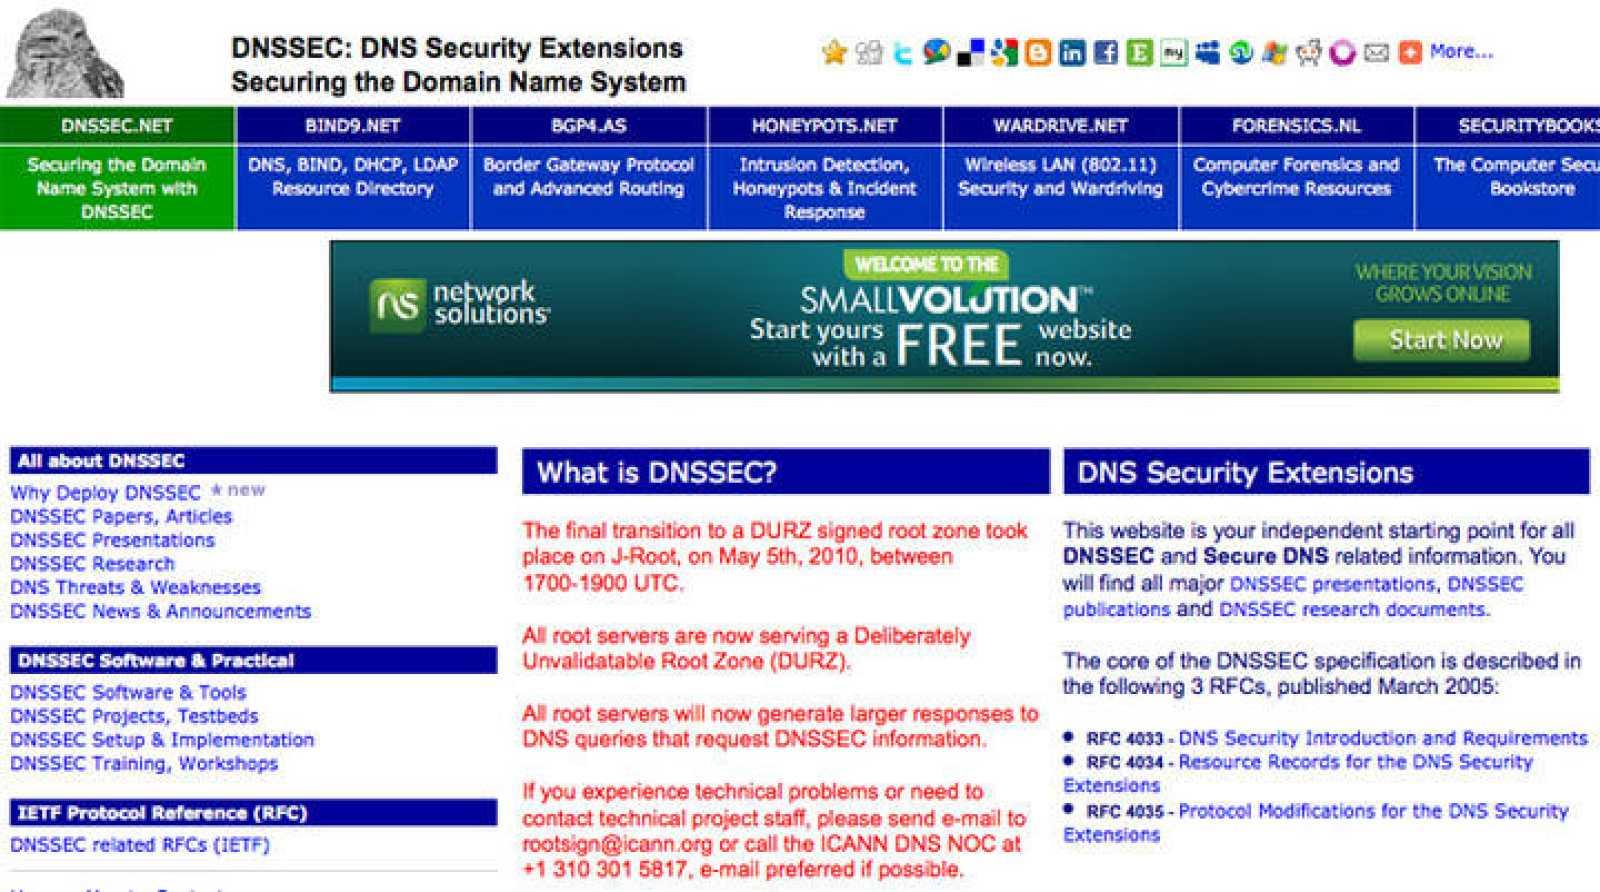 El principal objetivo, impulsar el desarrollo e implementación del DNSSEC, unas extensiones del DNS que garantizan la seguridad de la Red.